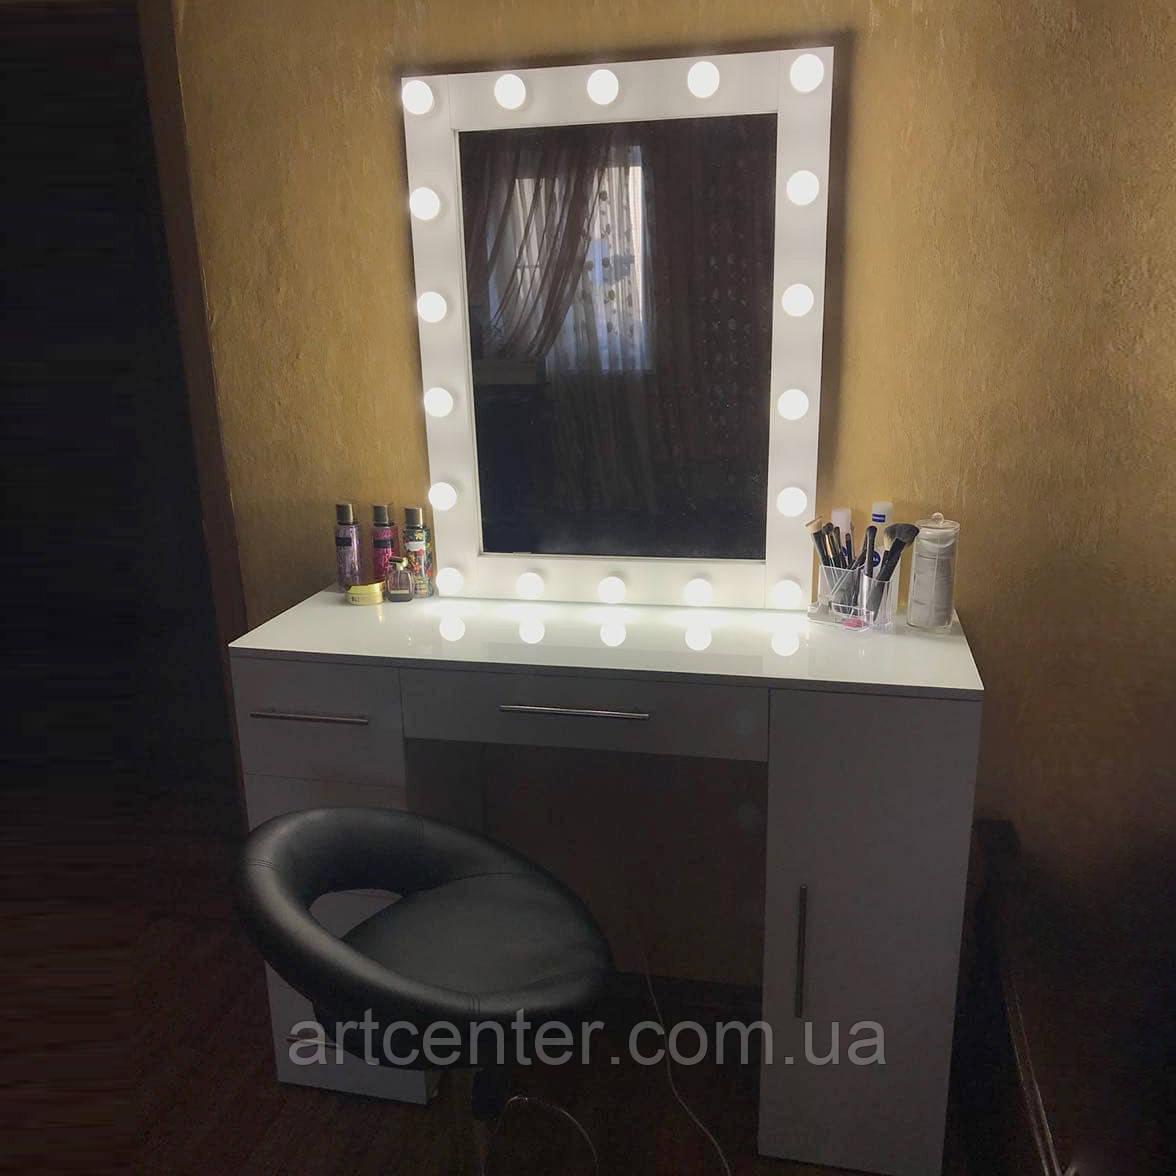 Стол для визажиста/парикмахера, туалетный столик с зеркалом